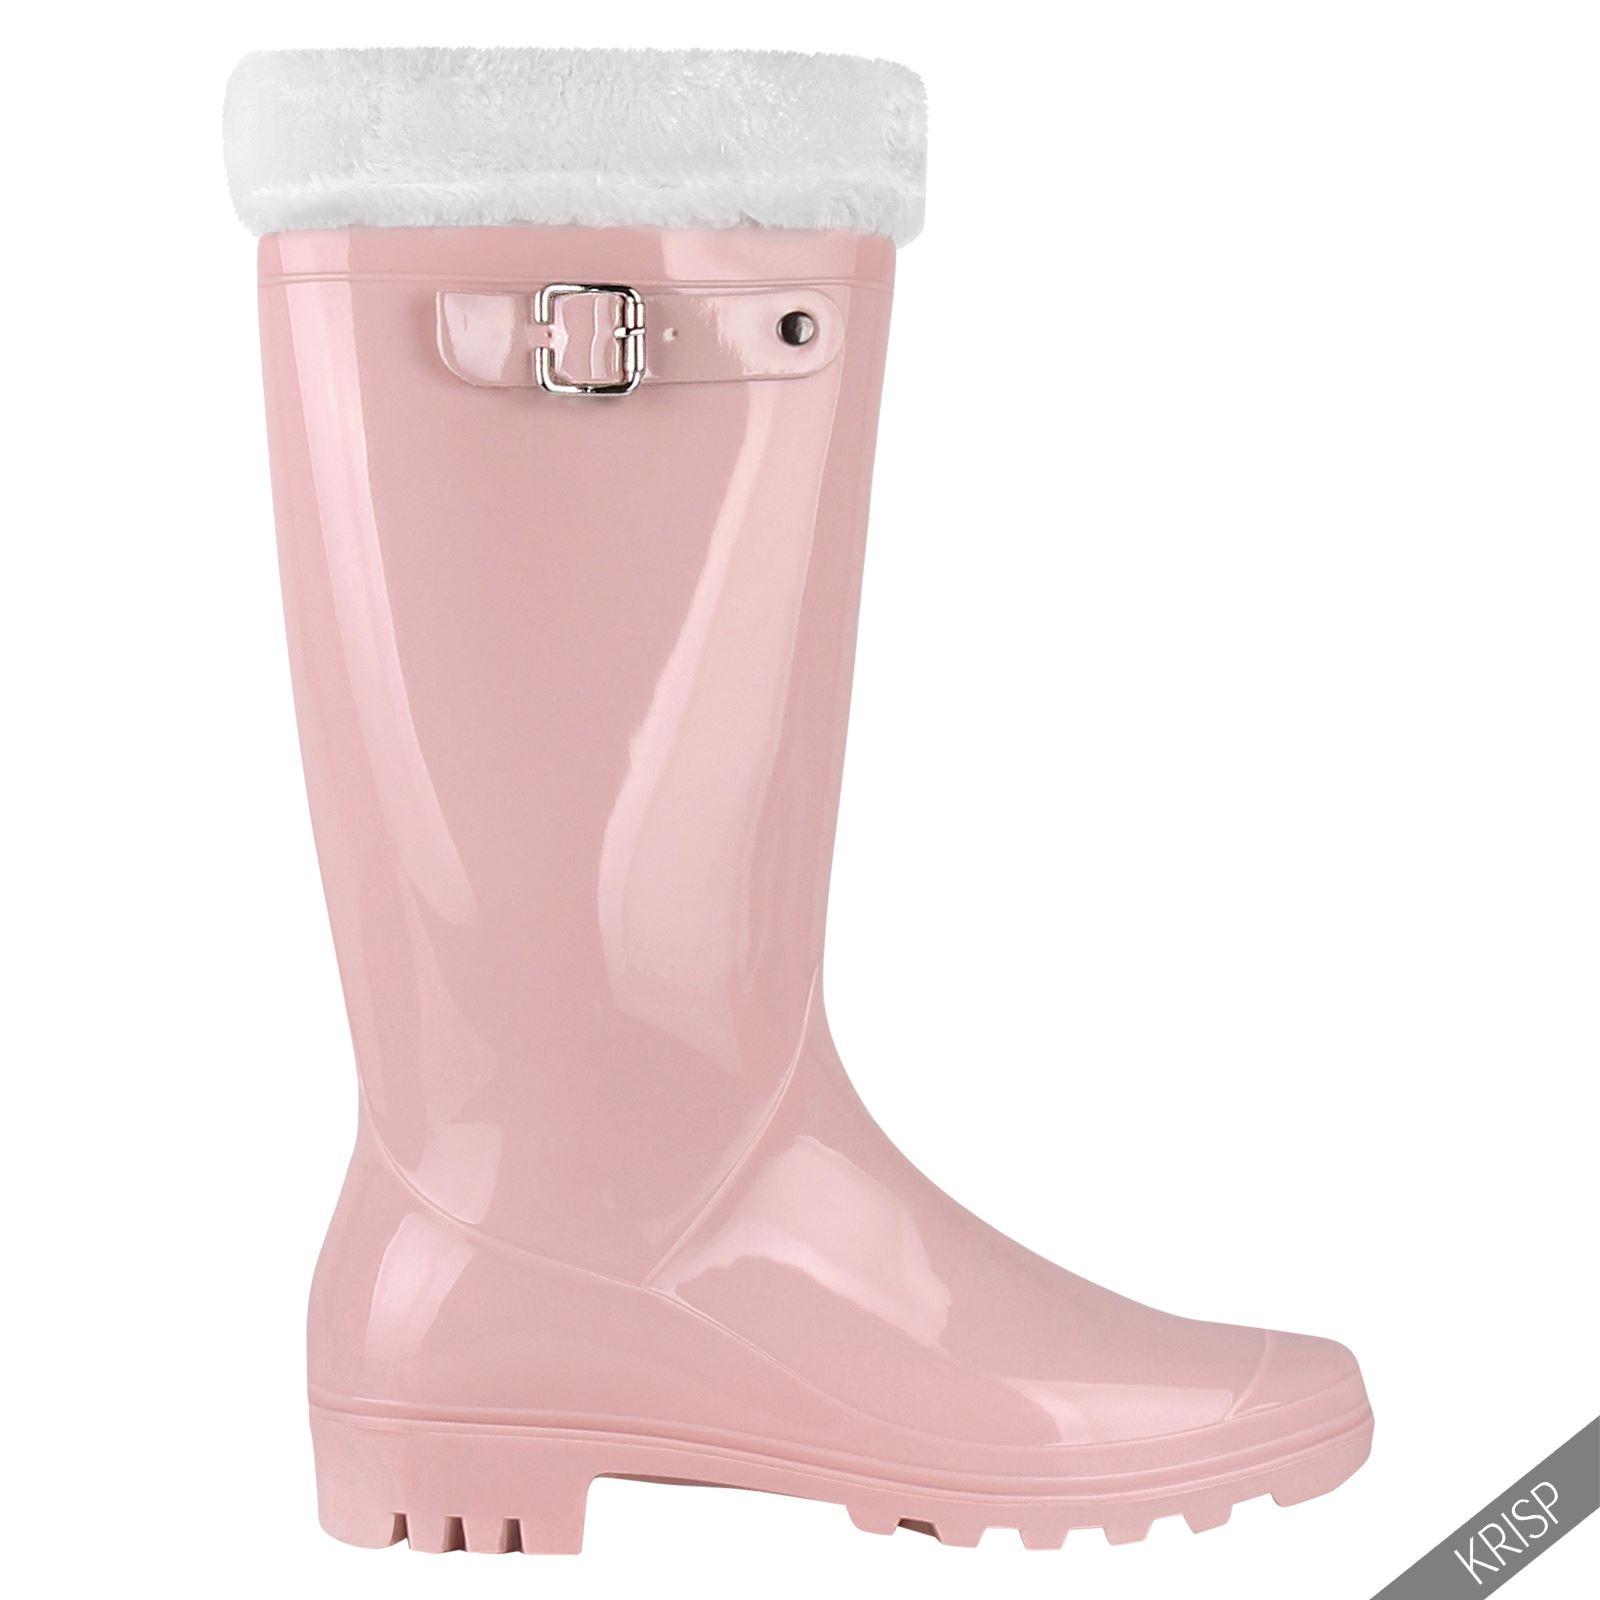 Botas-Agua-Mujer-Barata-Original-Botines-Moda-Comodas-Calzado-Elastico-Juveniles miniatura 40